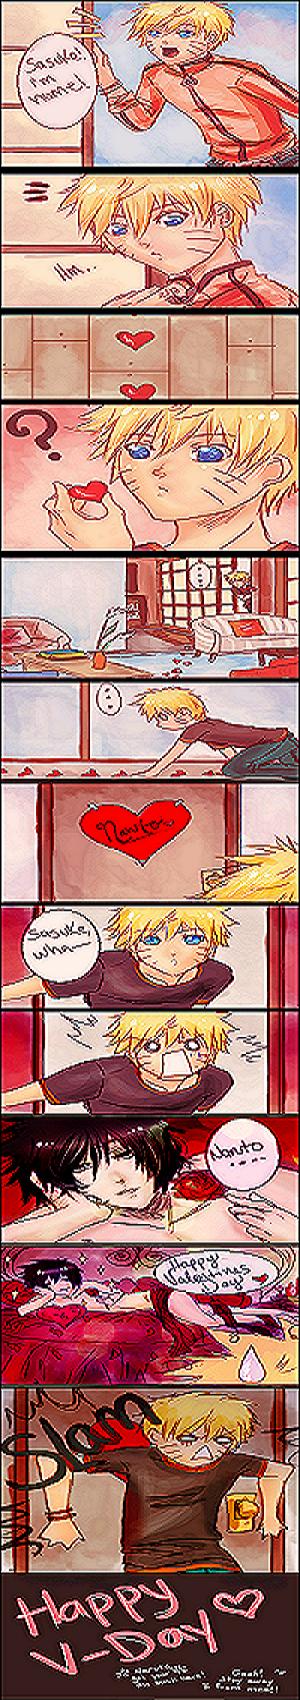 Sasukes Valentinstagsgeschenk